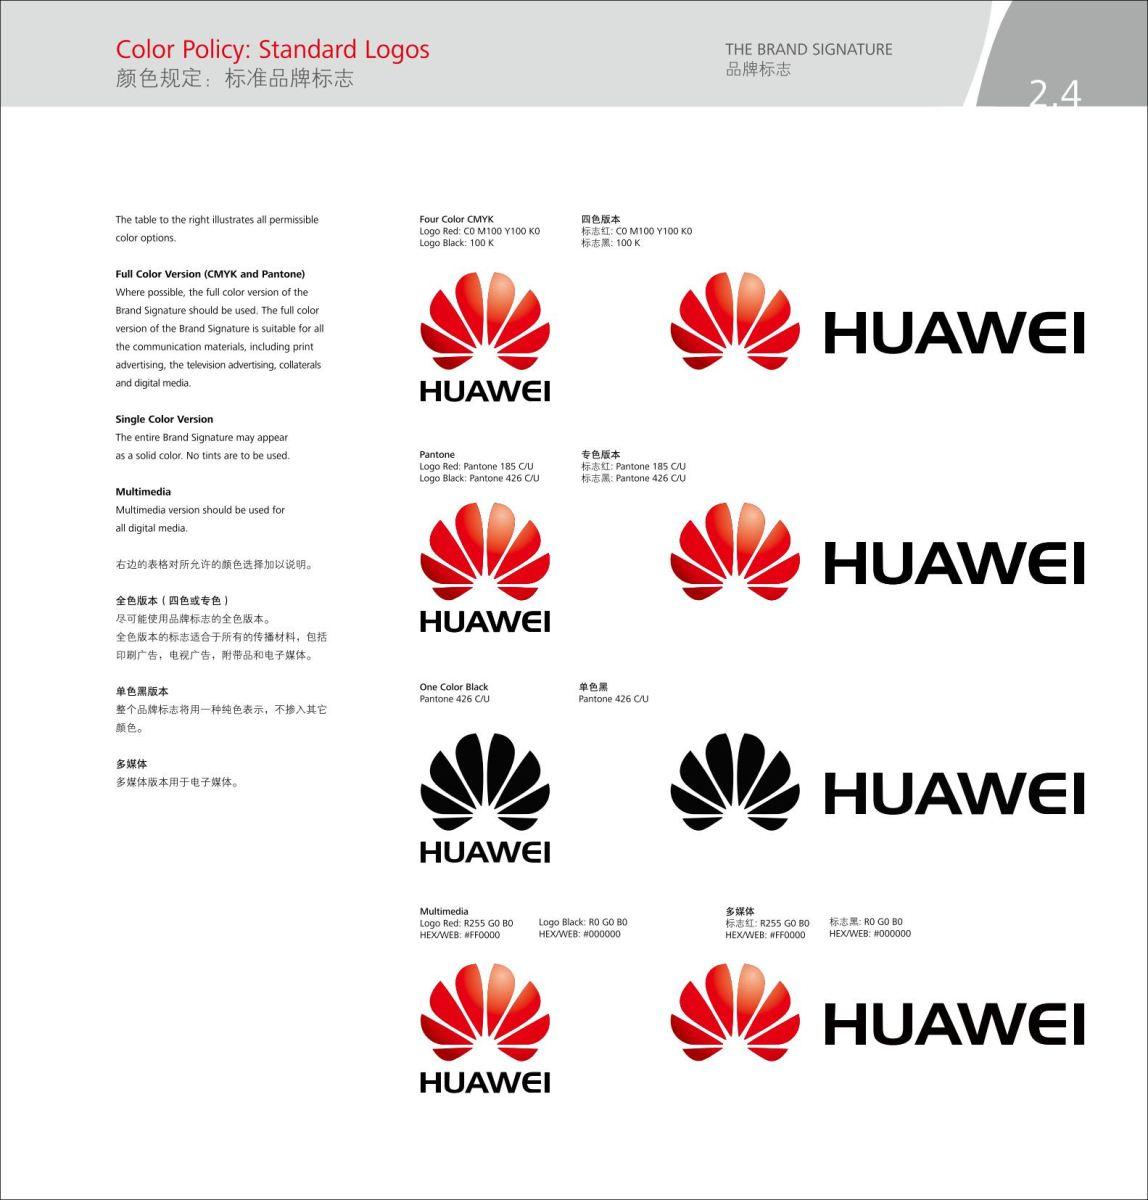 品牌vi设计手册,深圳品牌设计,深圳品牌策划公司,品牌策划公司,深圳